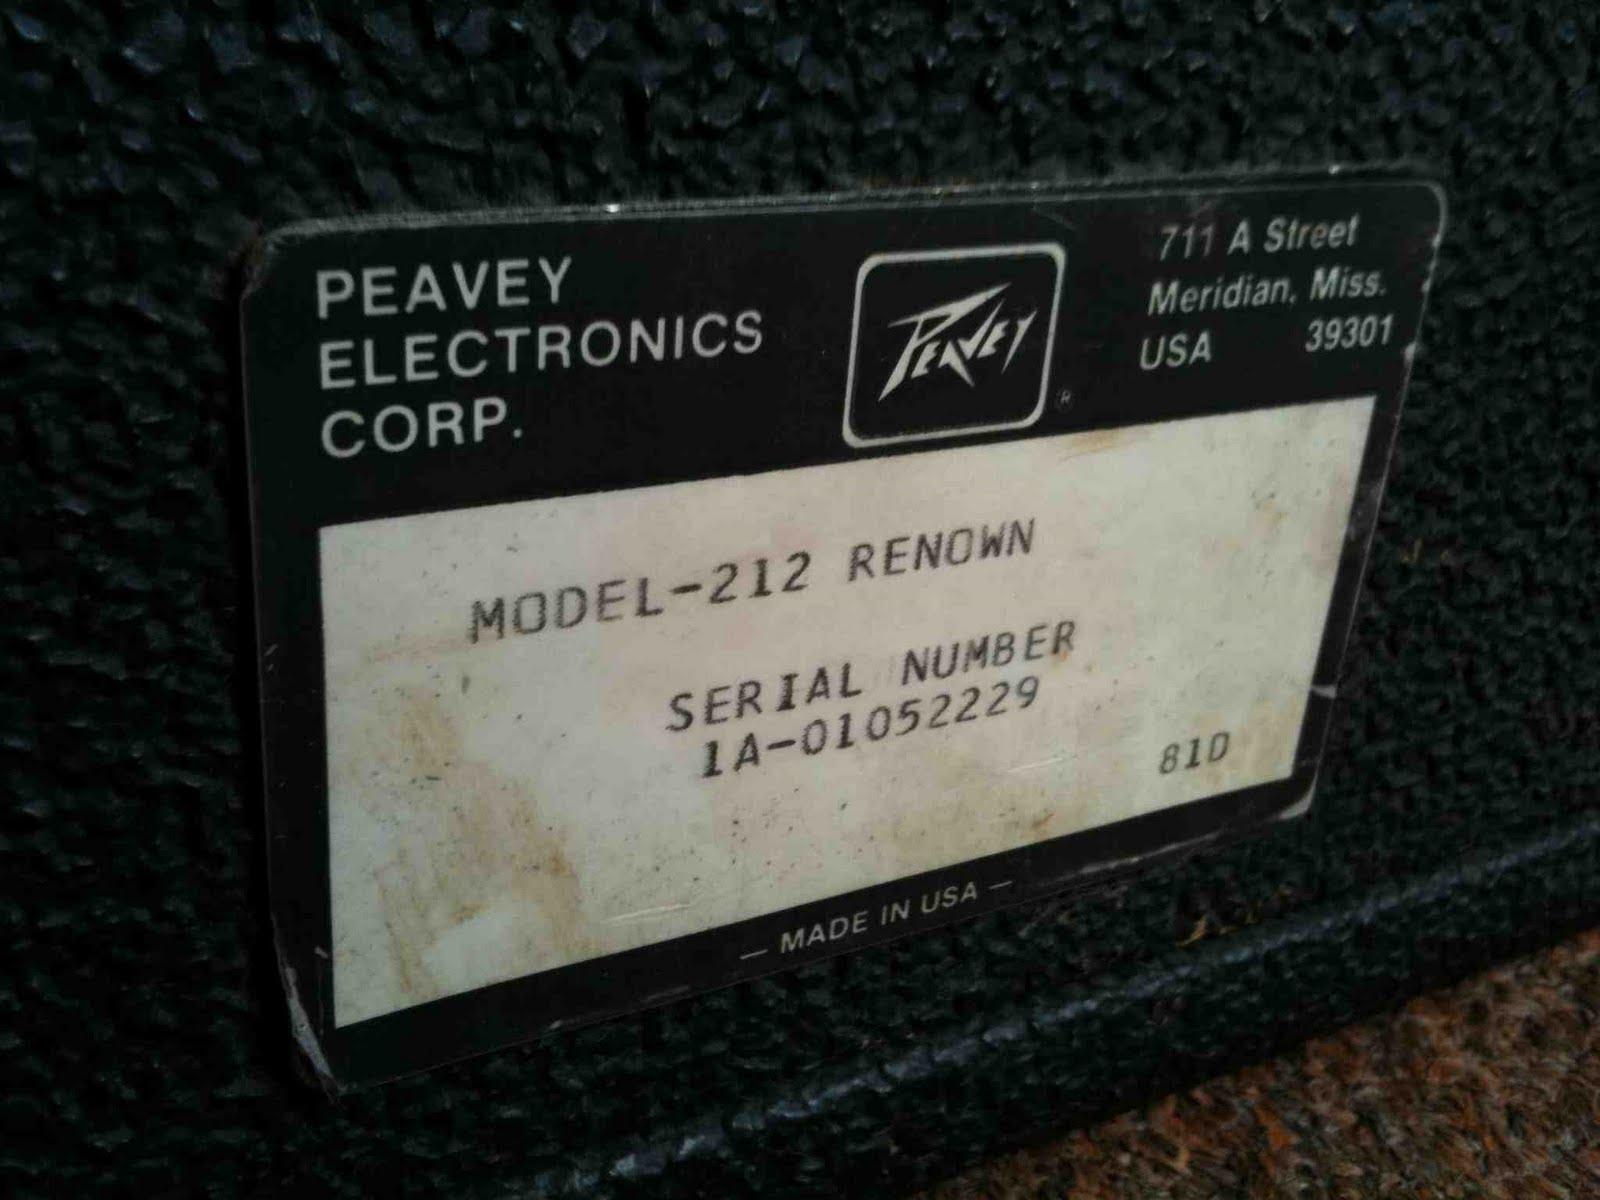 peavey deuce vt footswitch wiring diagrams peavey automotive description renown 05 peavey deuce vt footswitch wiring diagrams